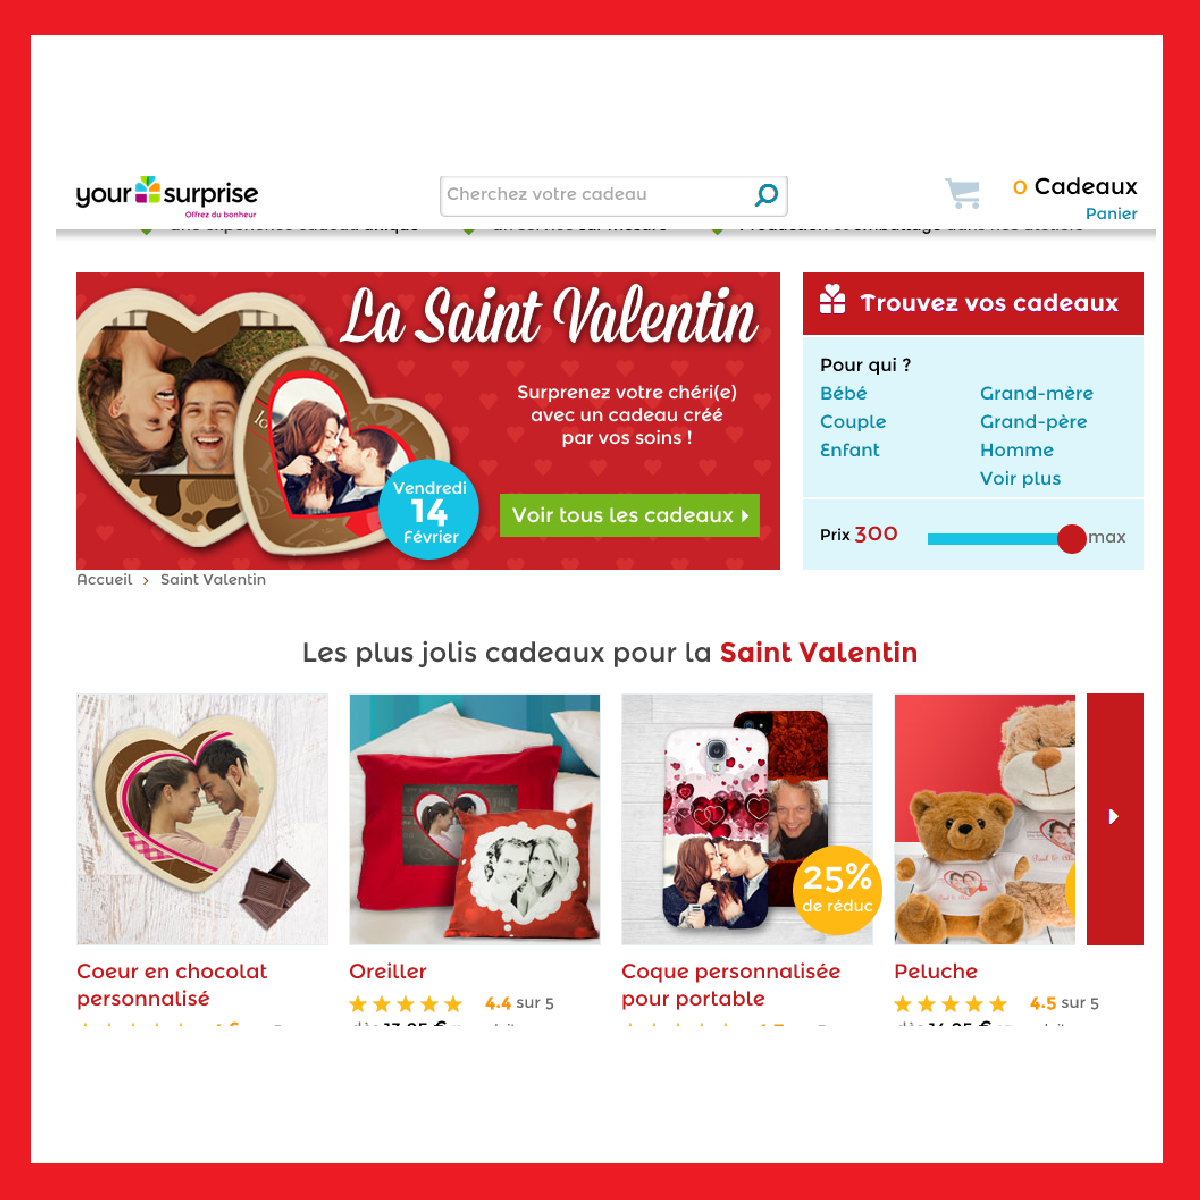 Des cadeaux pour la Saint Valentin personnalisés avec photos